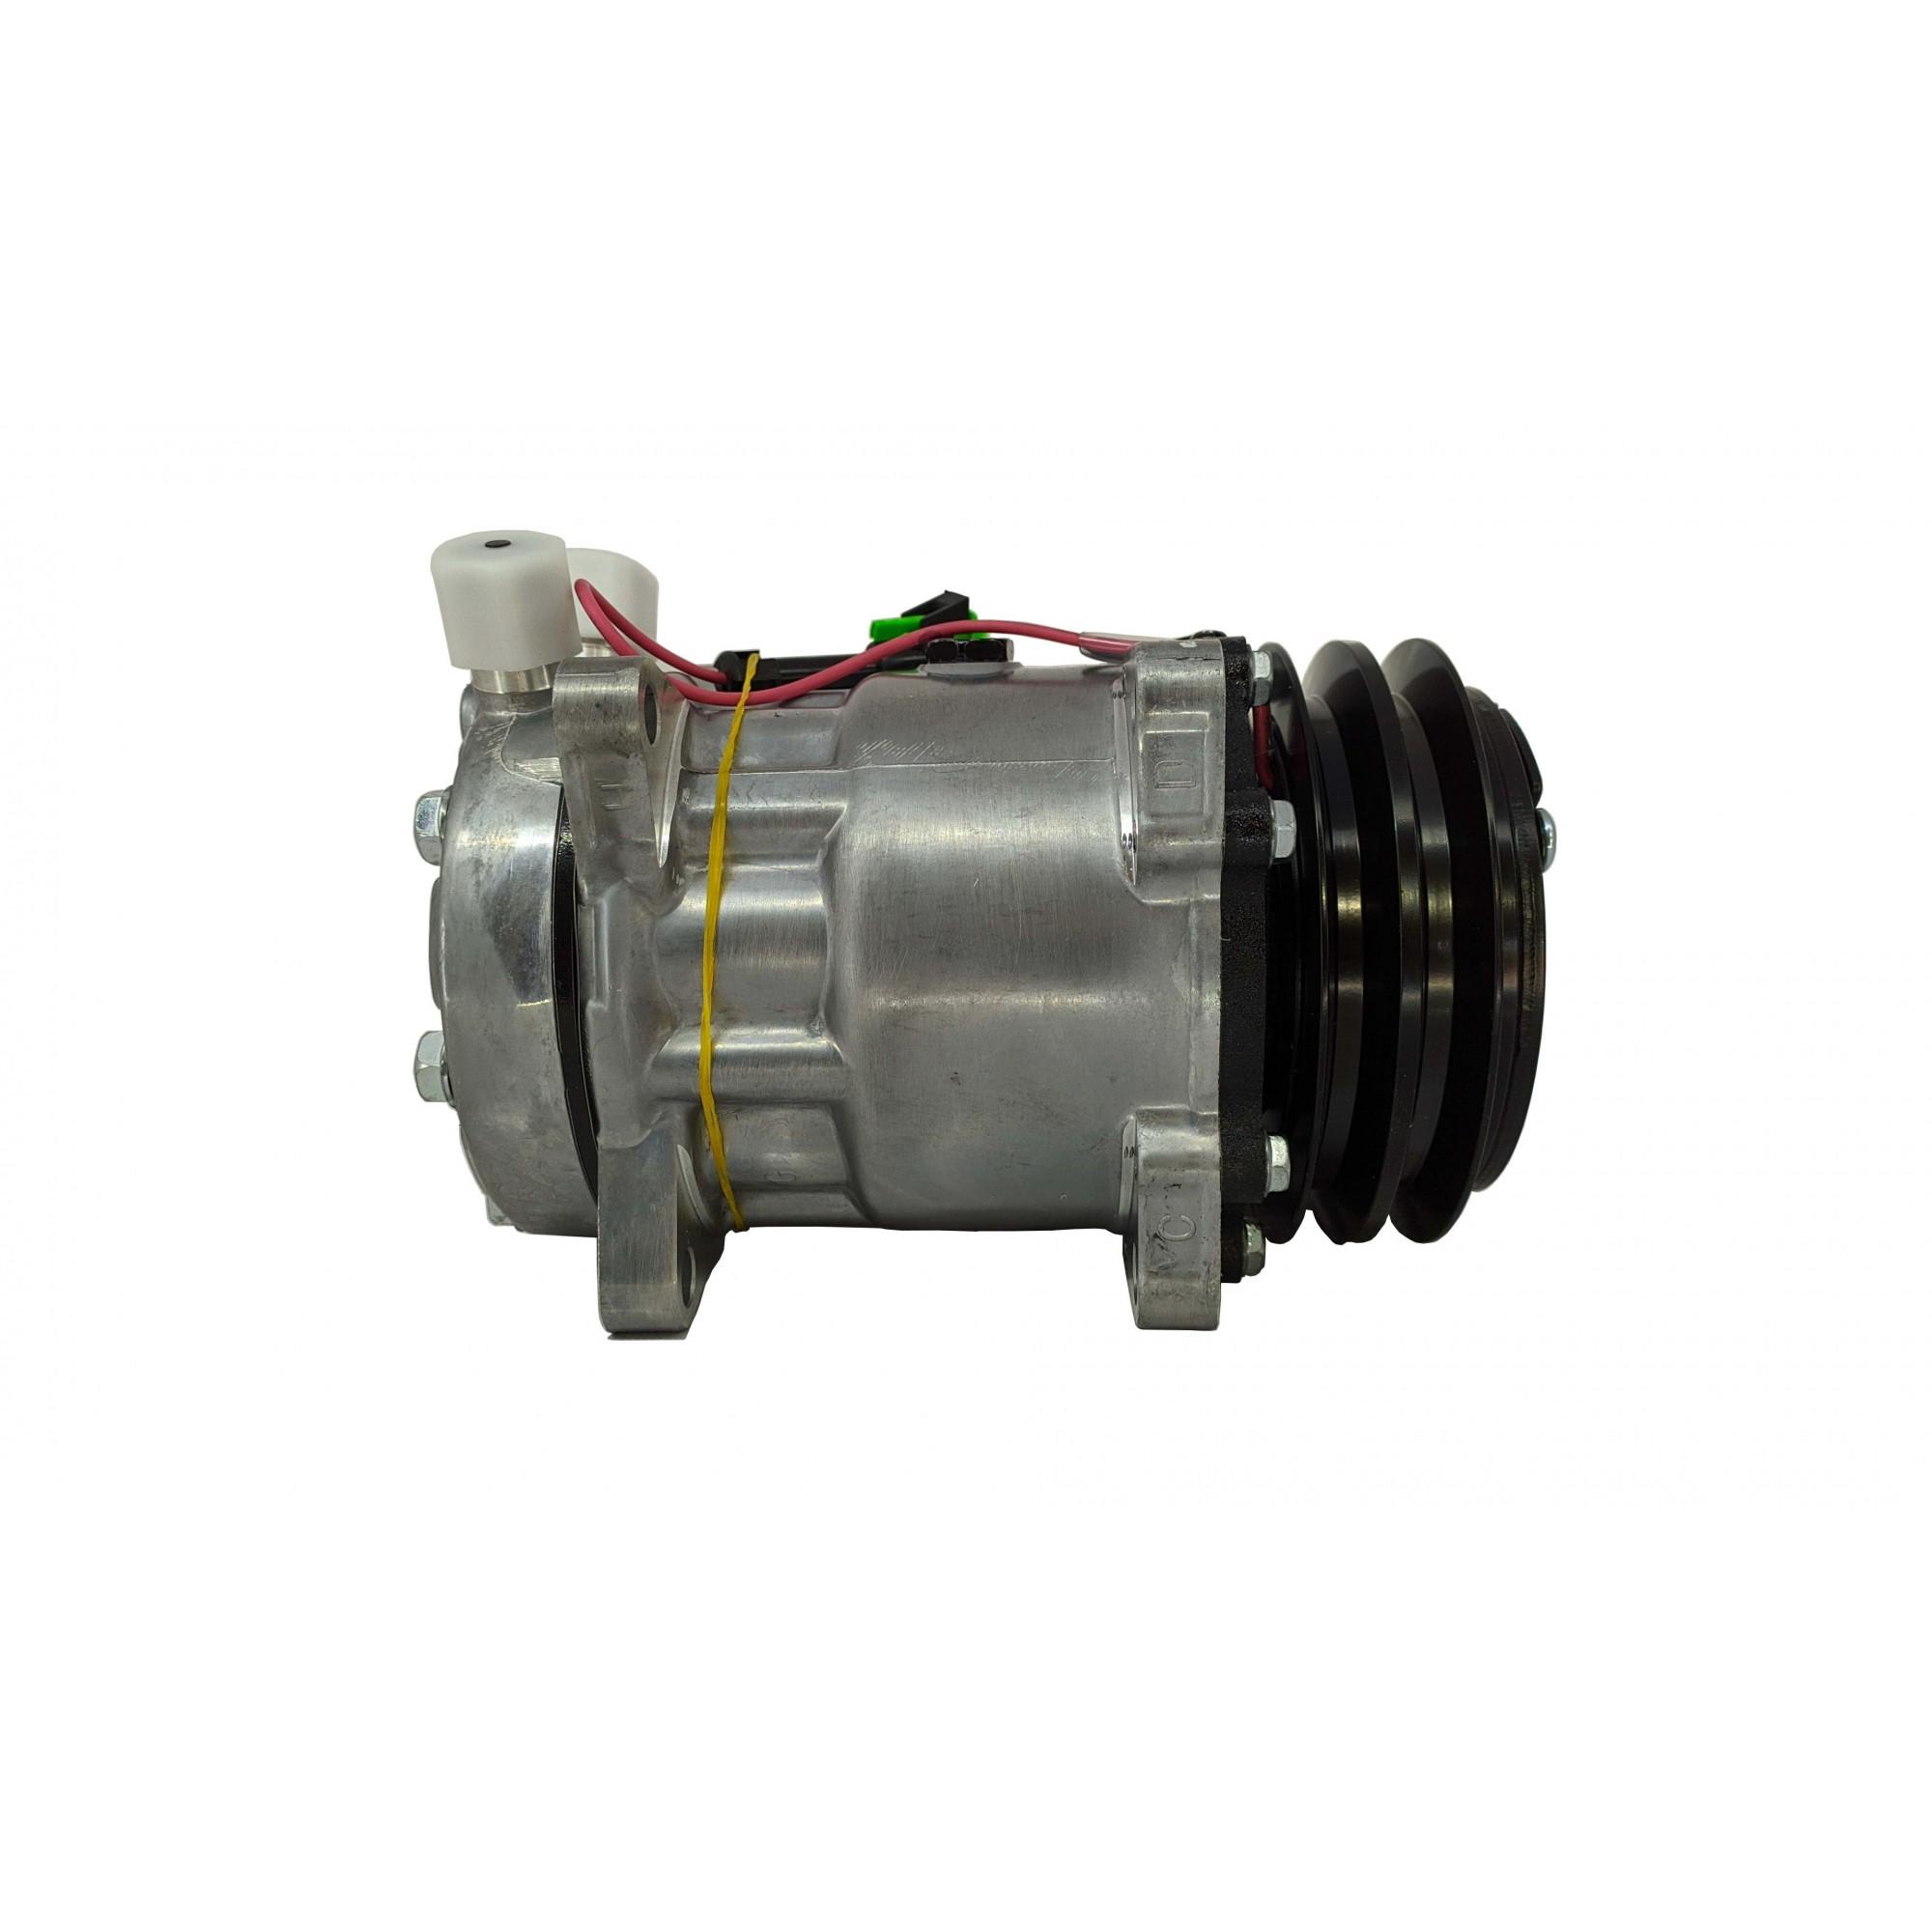 Compressor - 7h15 - 12v - Canal A - DENSO